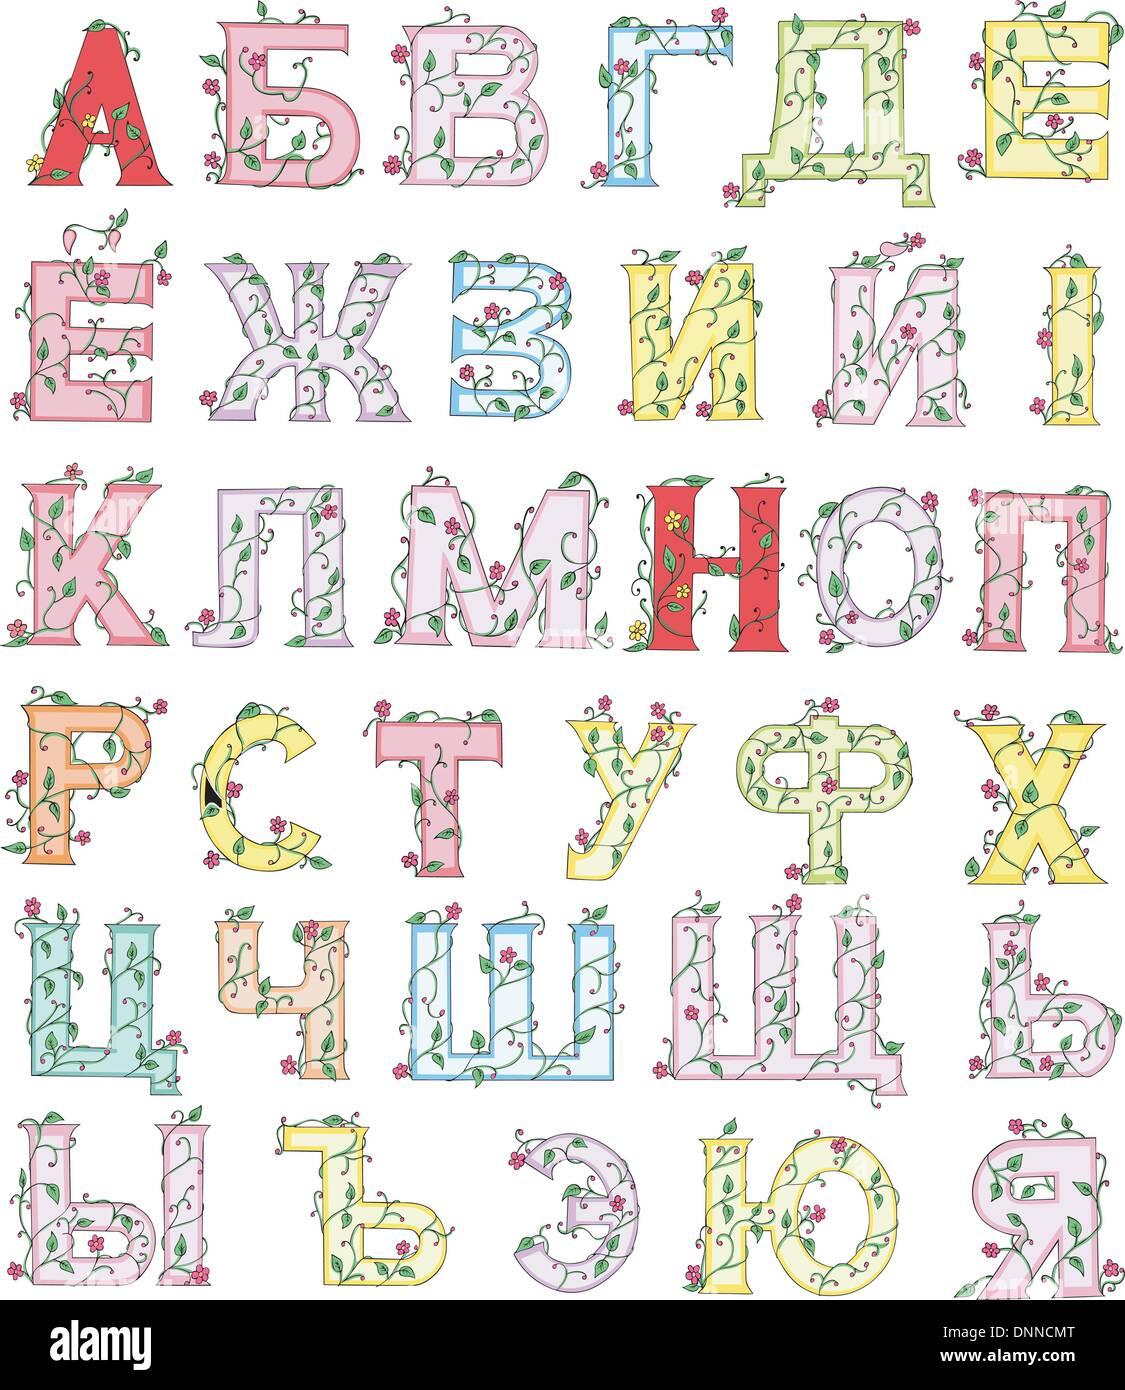 Floreali (alfabeto cirillico / russo). Set di colorate illustrazioni vettoriali. Immagini Stock